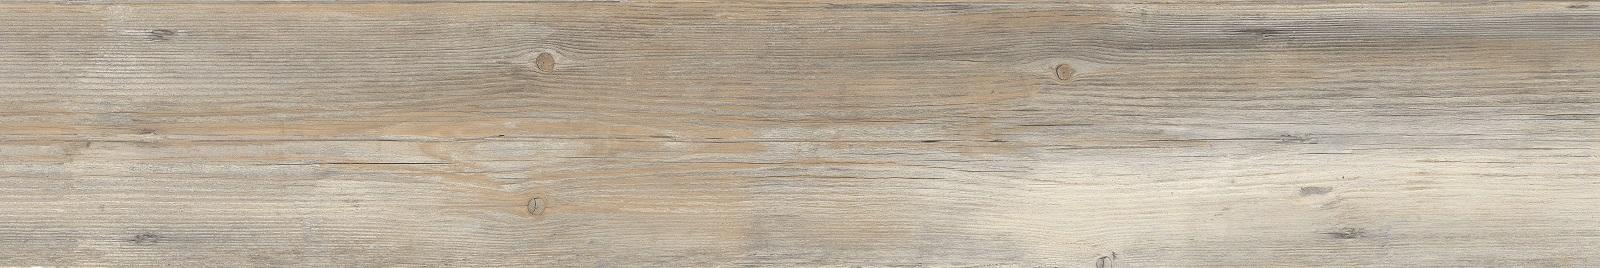 Плитка Legno Beige (zzxlv3r) изображение 2